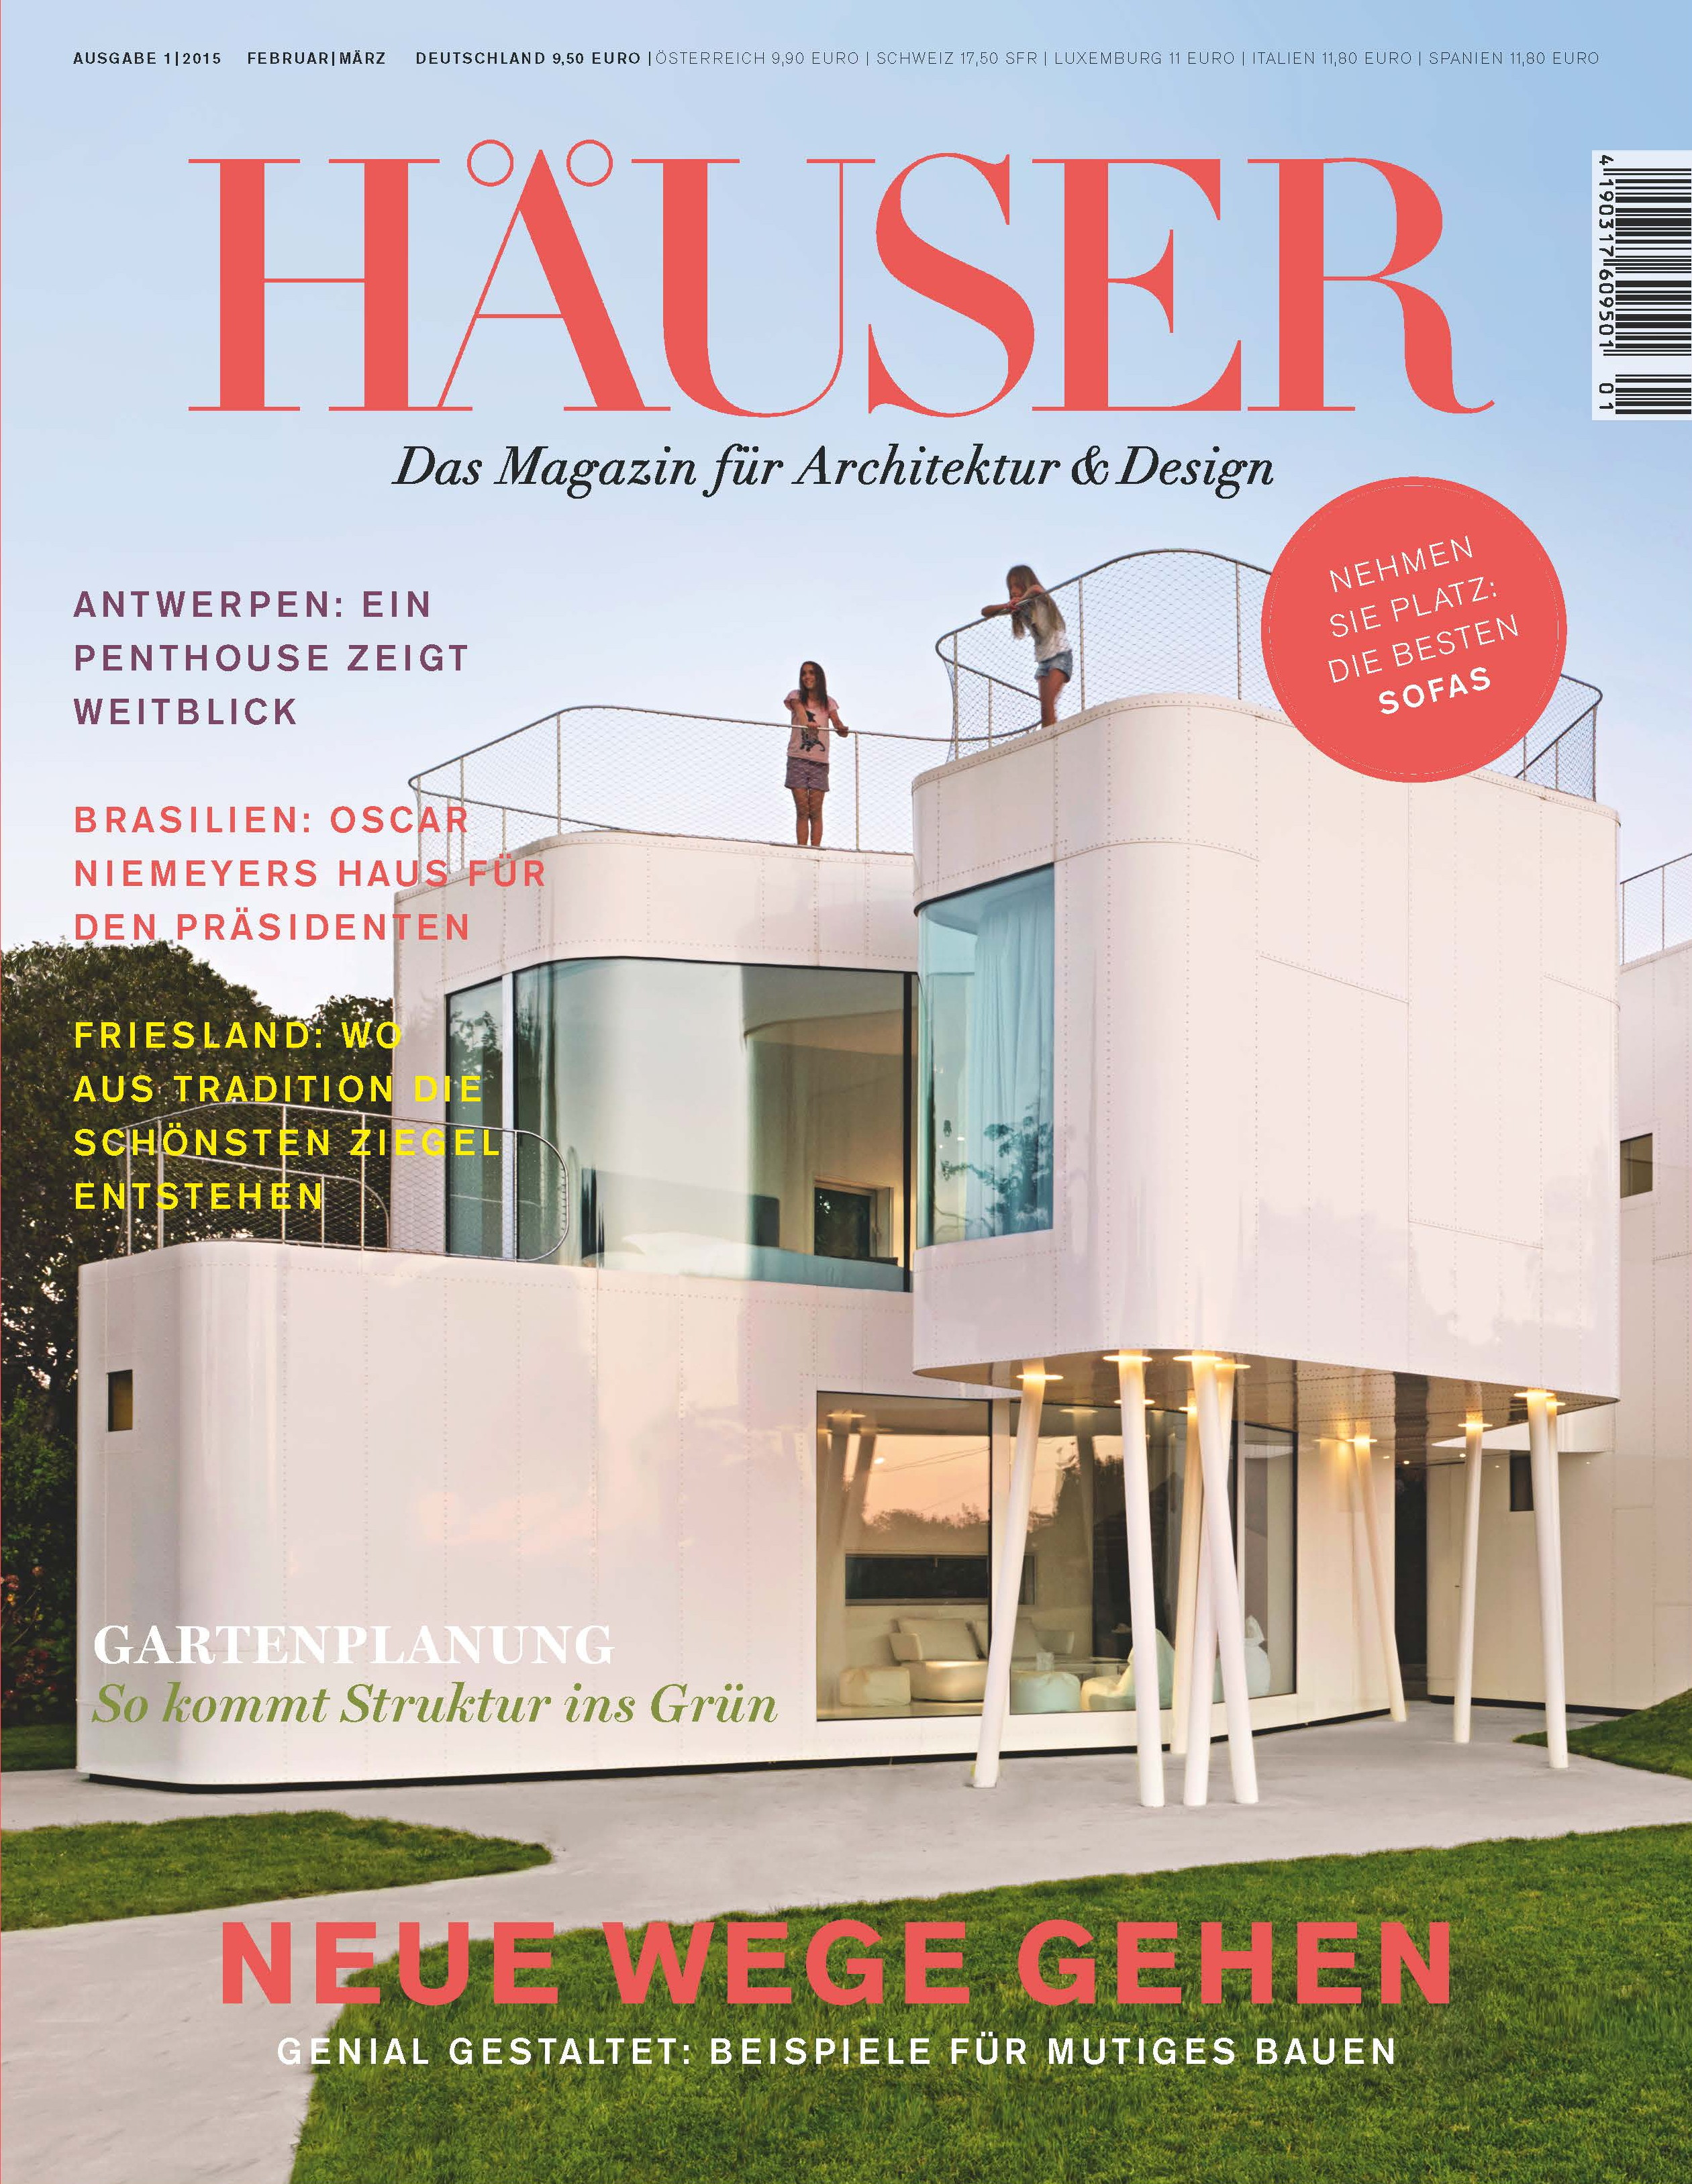 die besten der besten in europa deutschlands premium architektur magazin h user sucht f r den. Black Bedroom Furniture Sets. Home Design Ideas